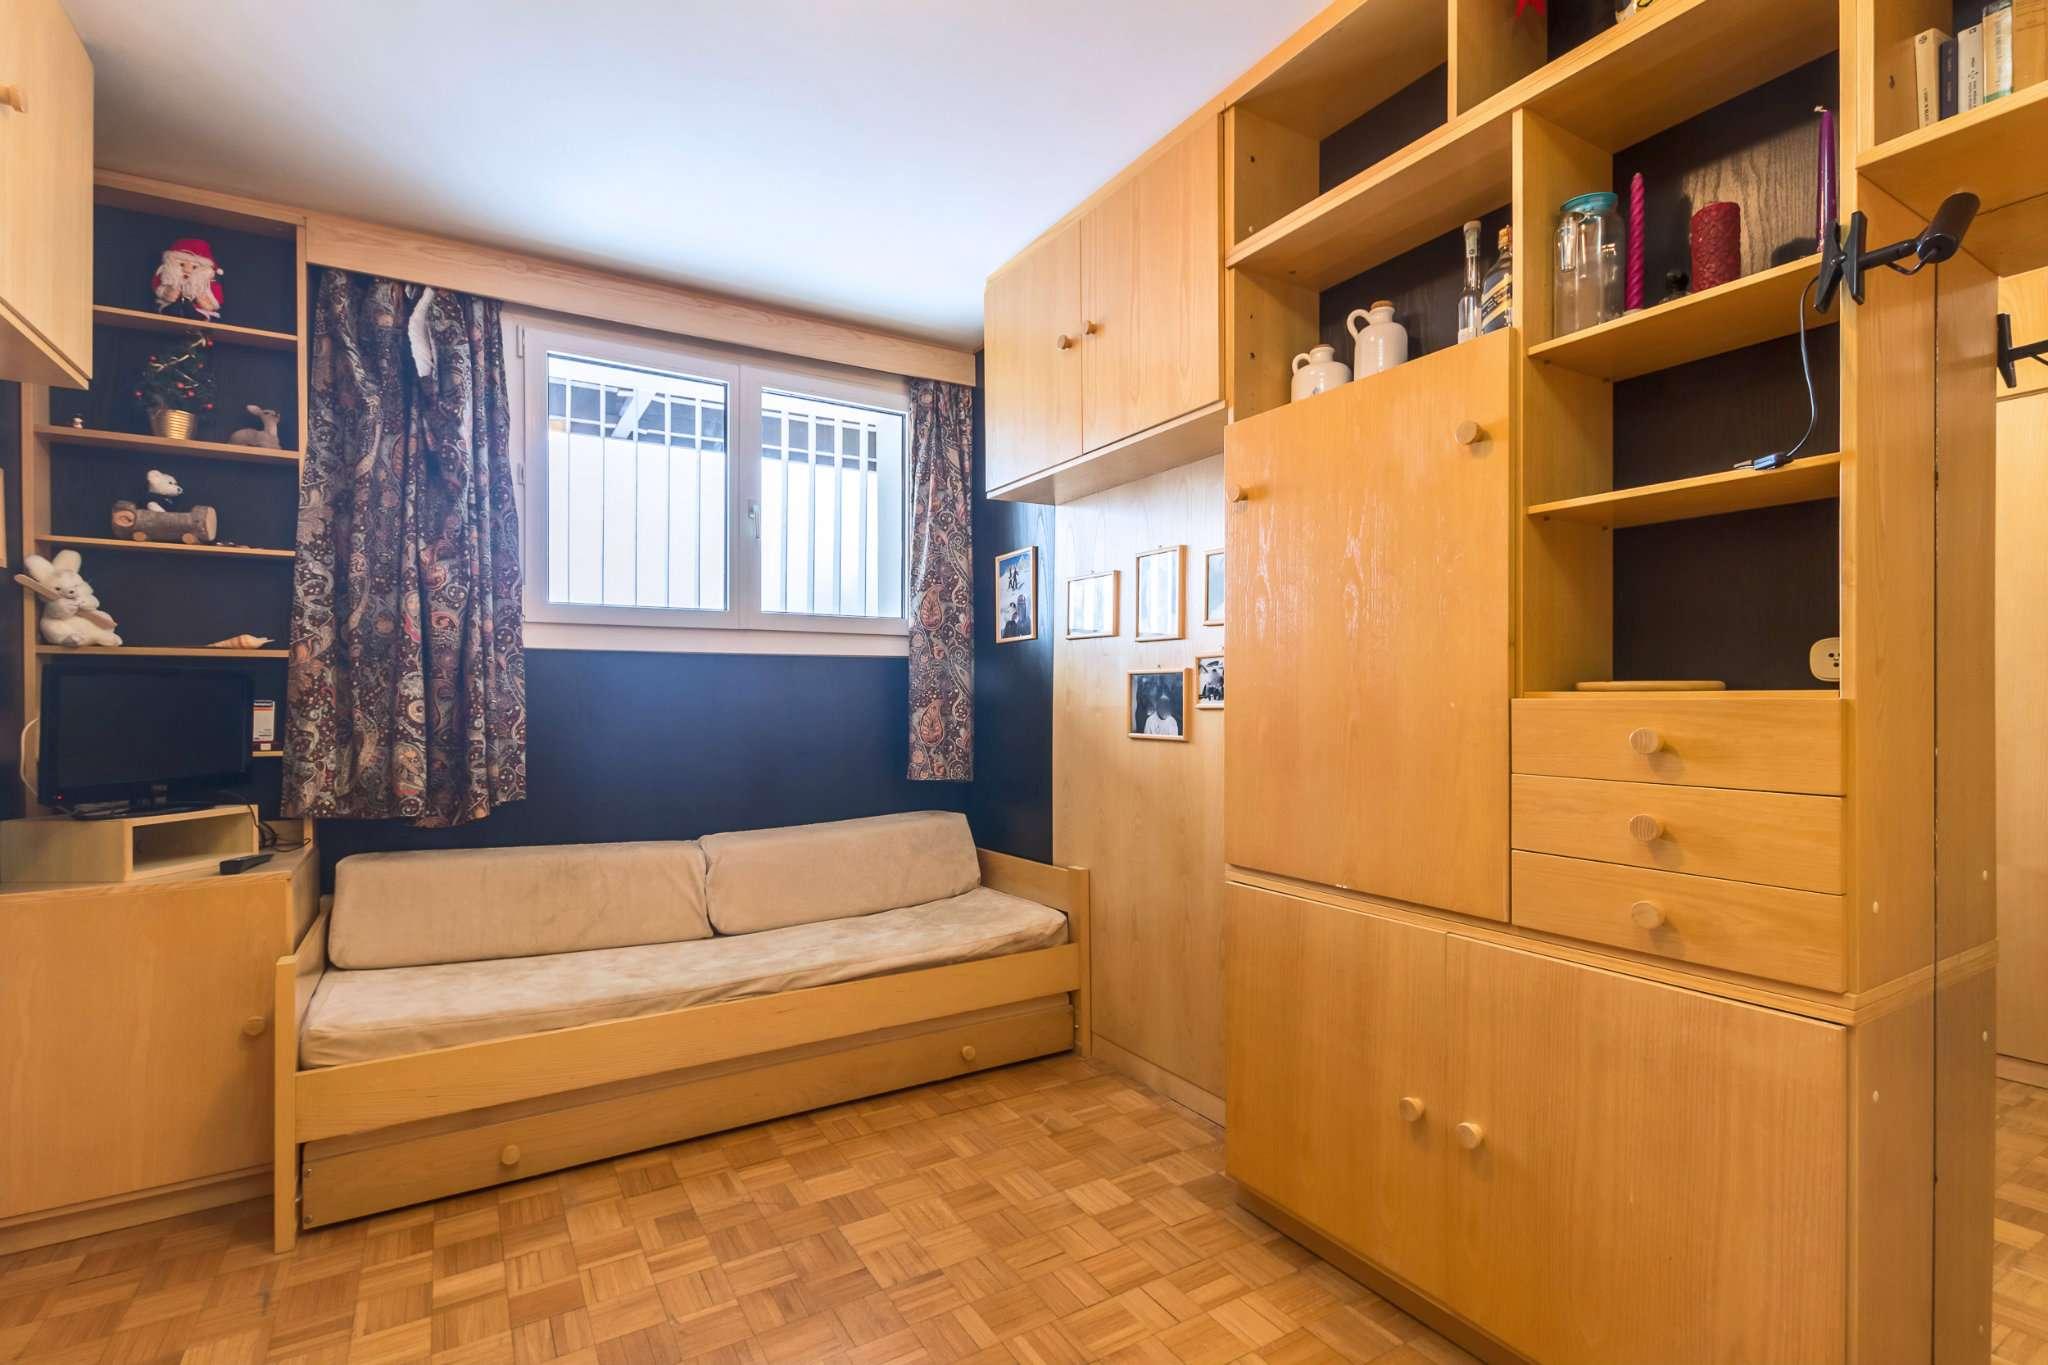 Appartamento in vendita a Selva di Val Gardena, 1 locali, prezzo € 155.000 | Cambio Casa.it